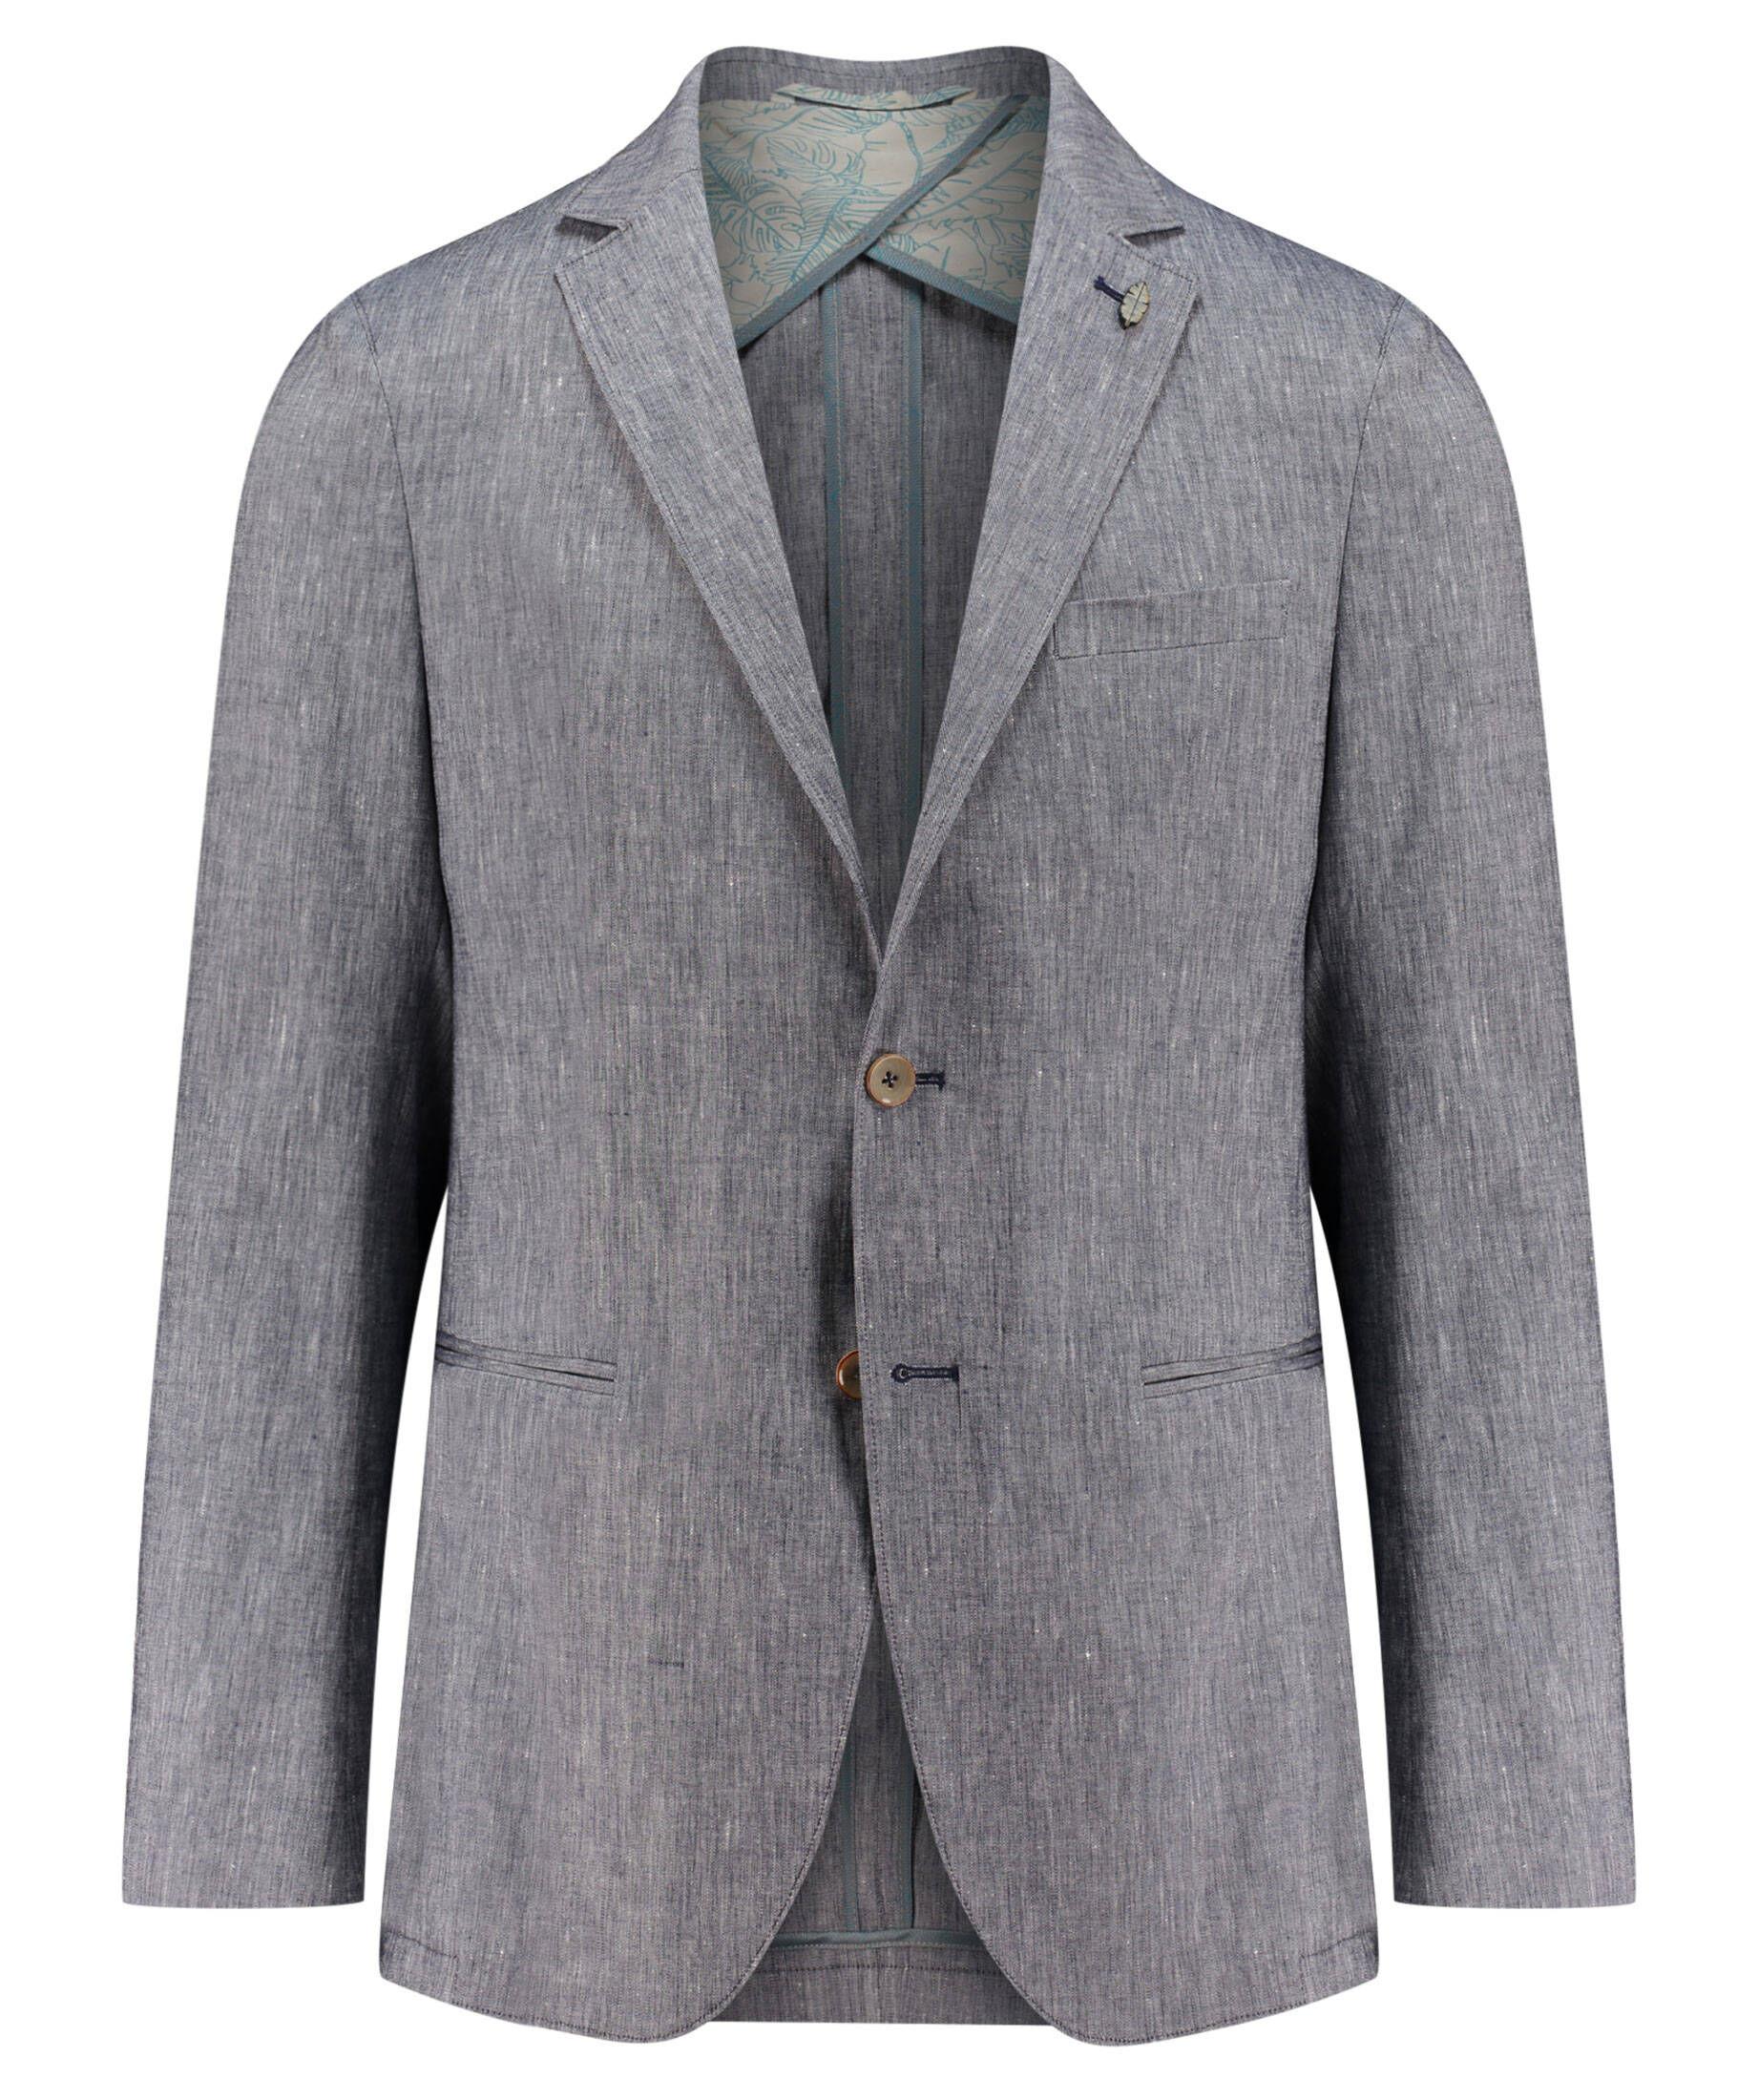 Daniel Hechter Herren Jacket Modern Dh-x Blazer